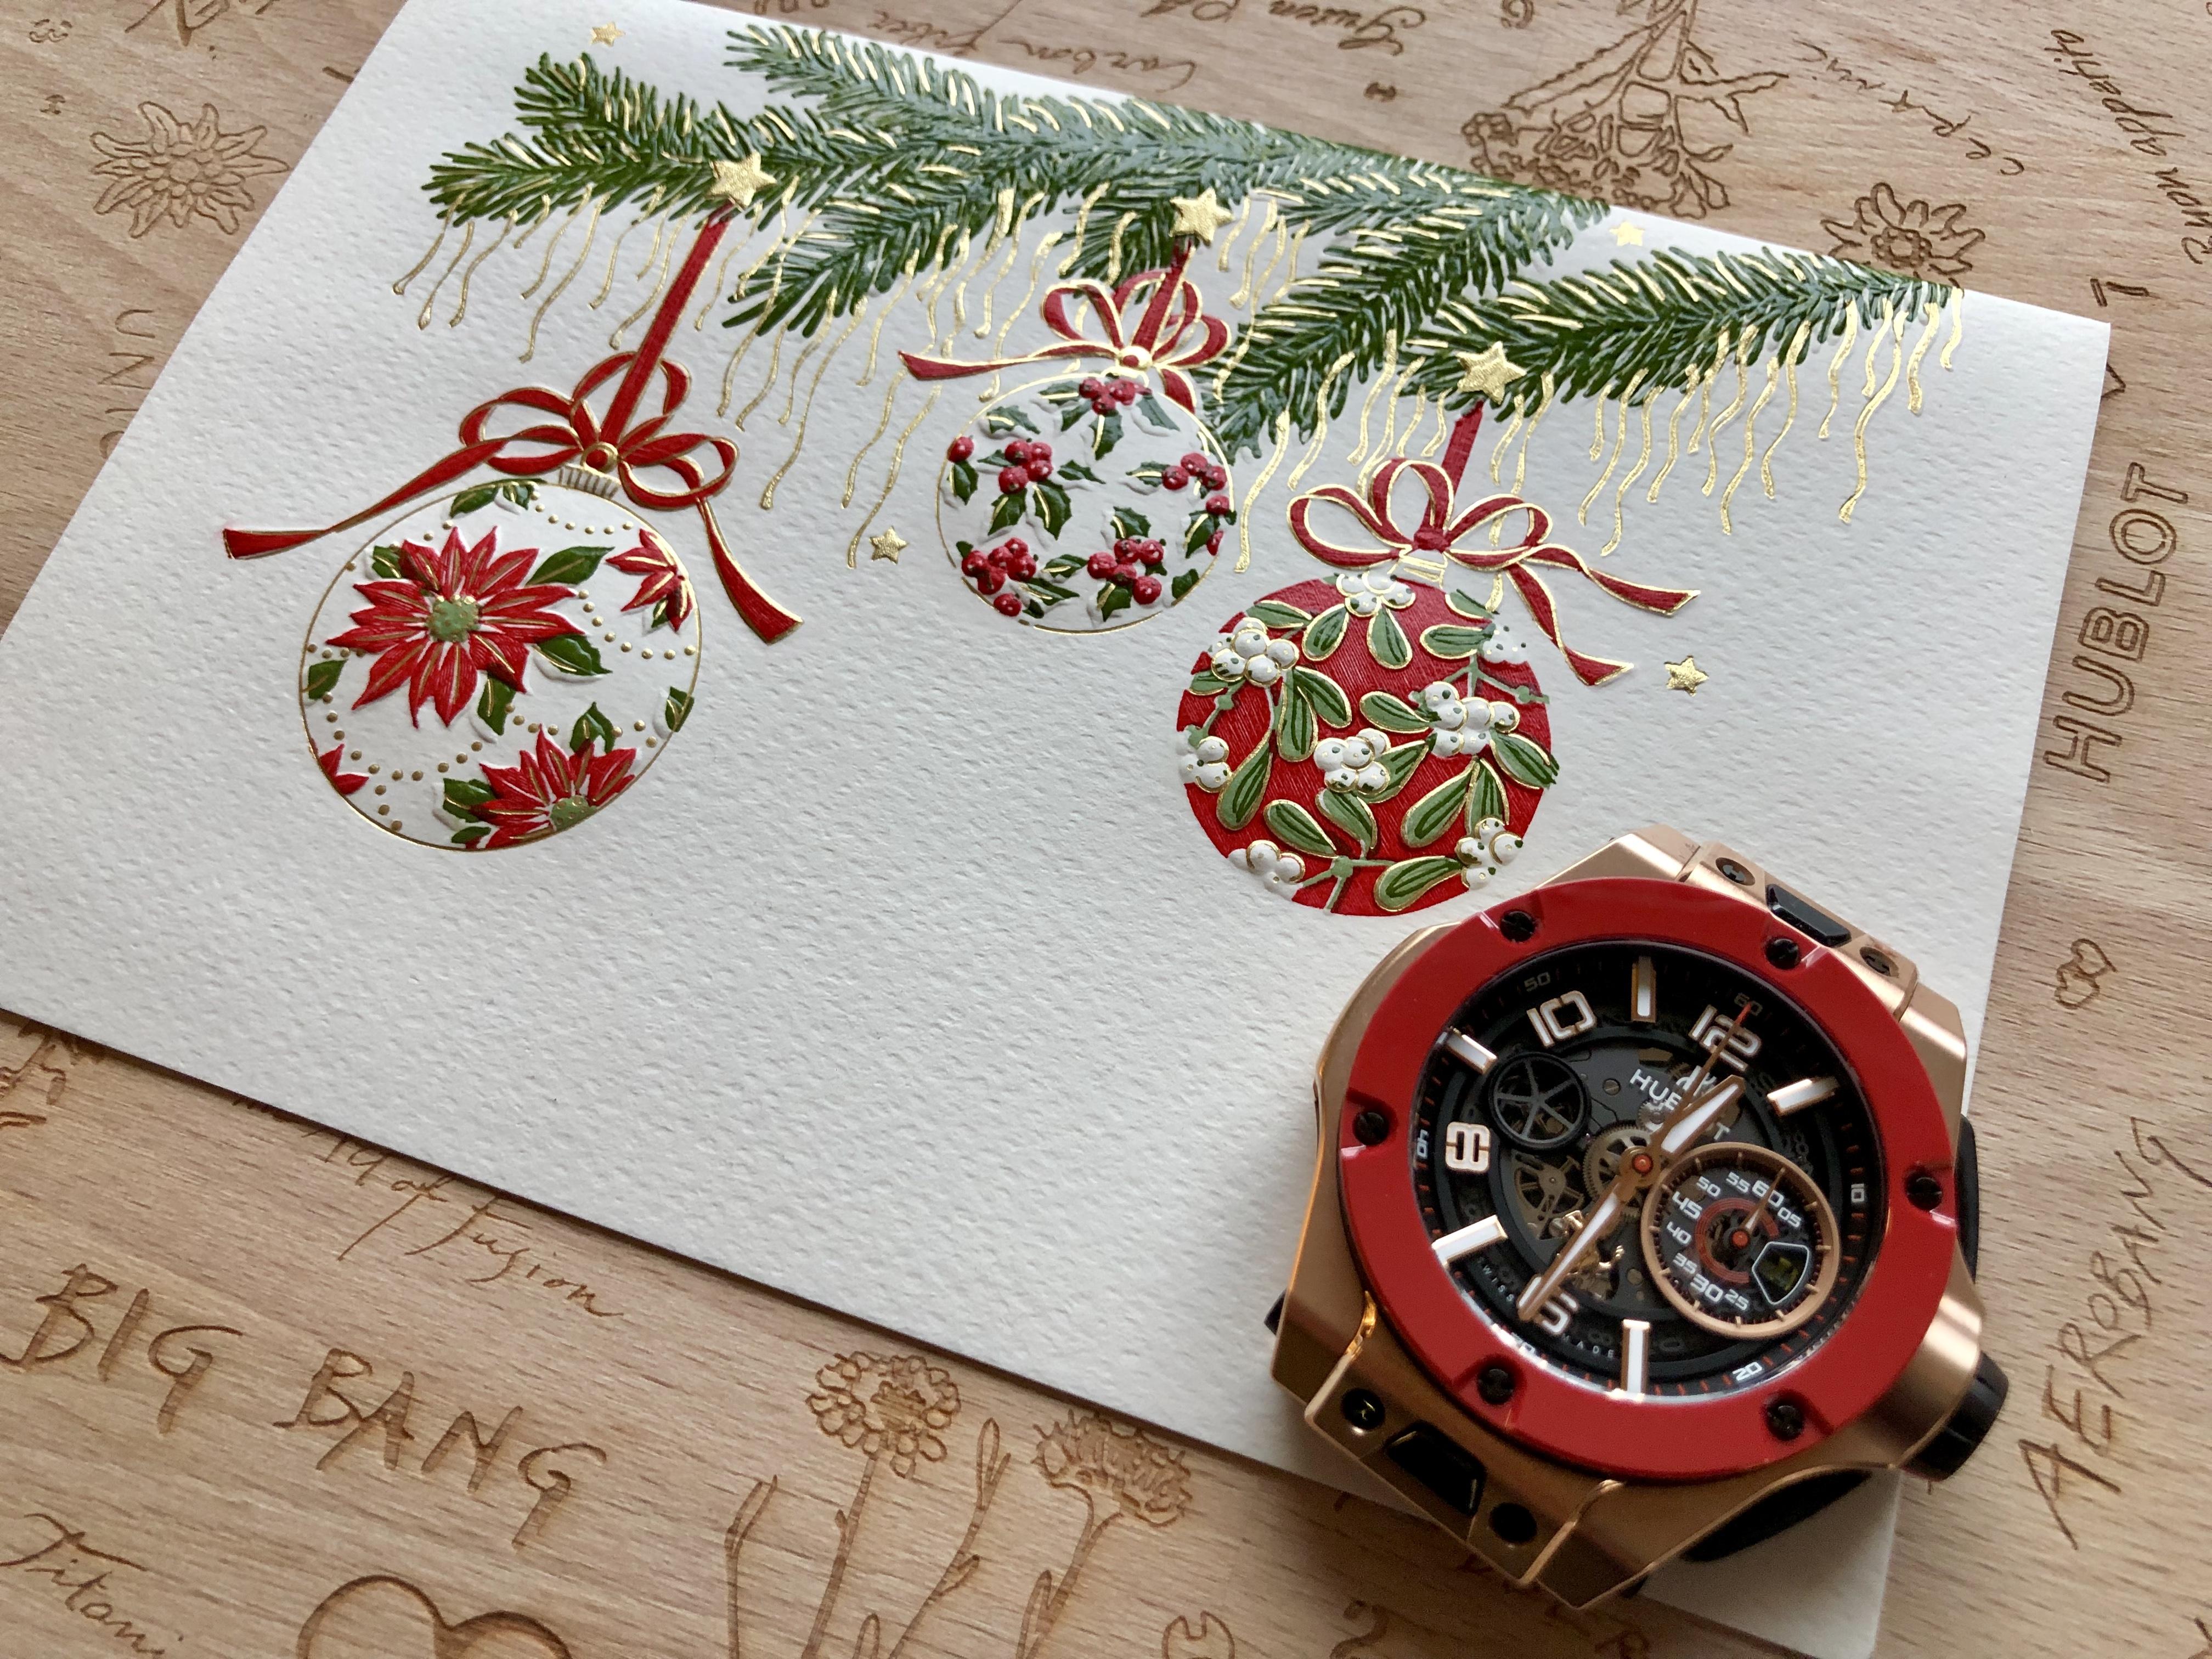 Ein frohes und gesegnetes Weihnachtsfest!